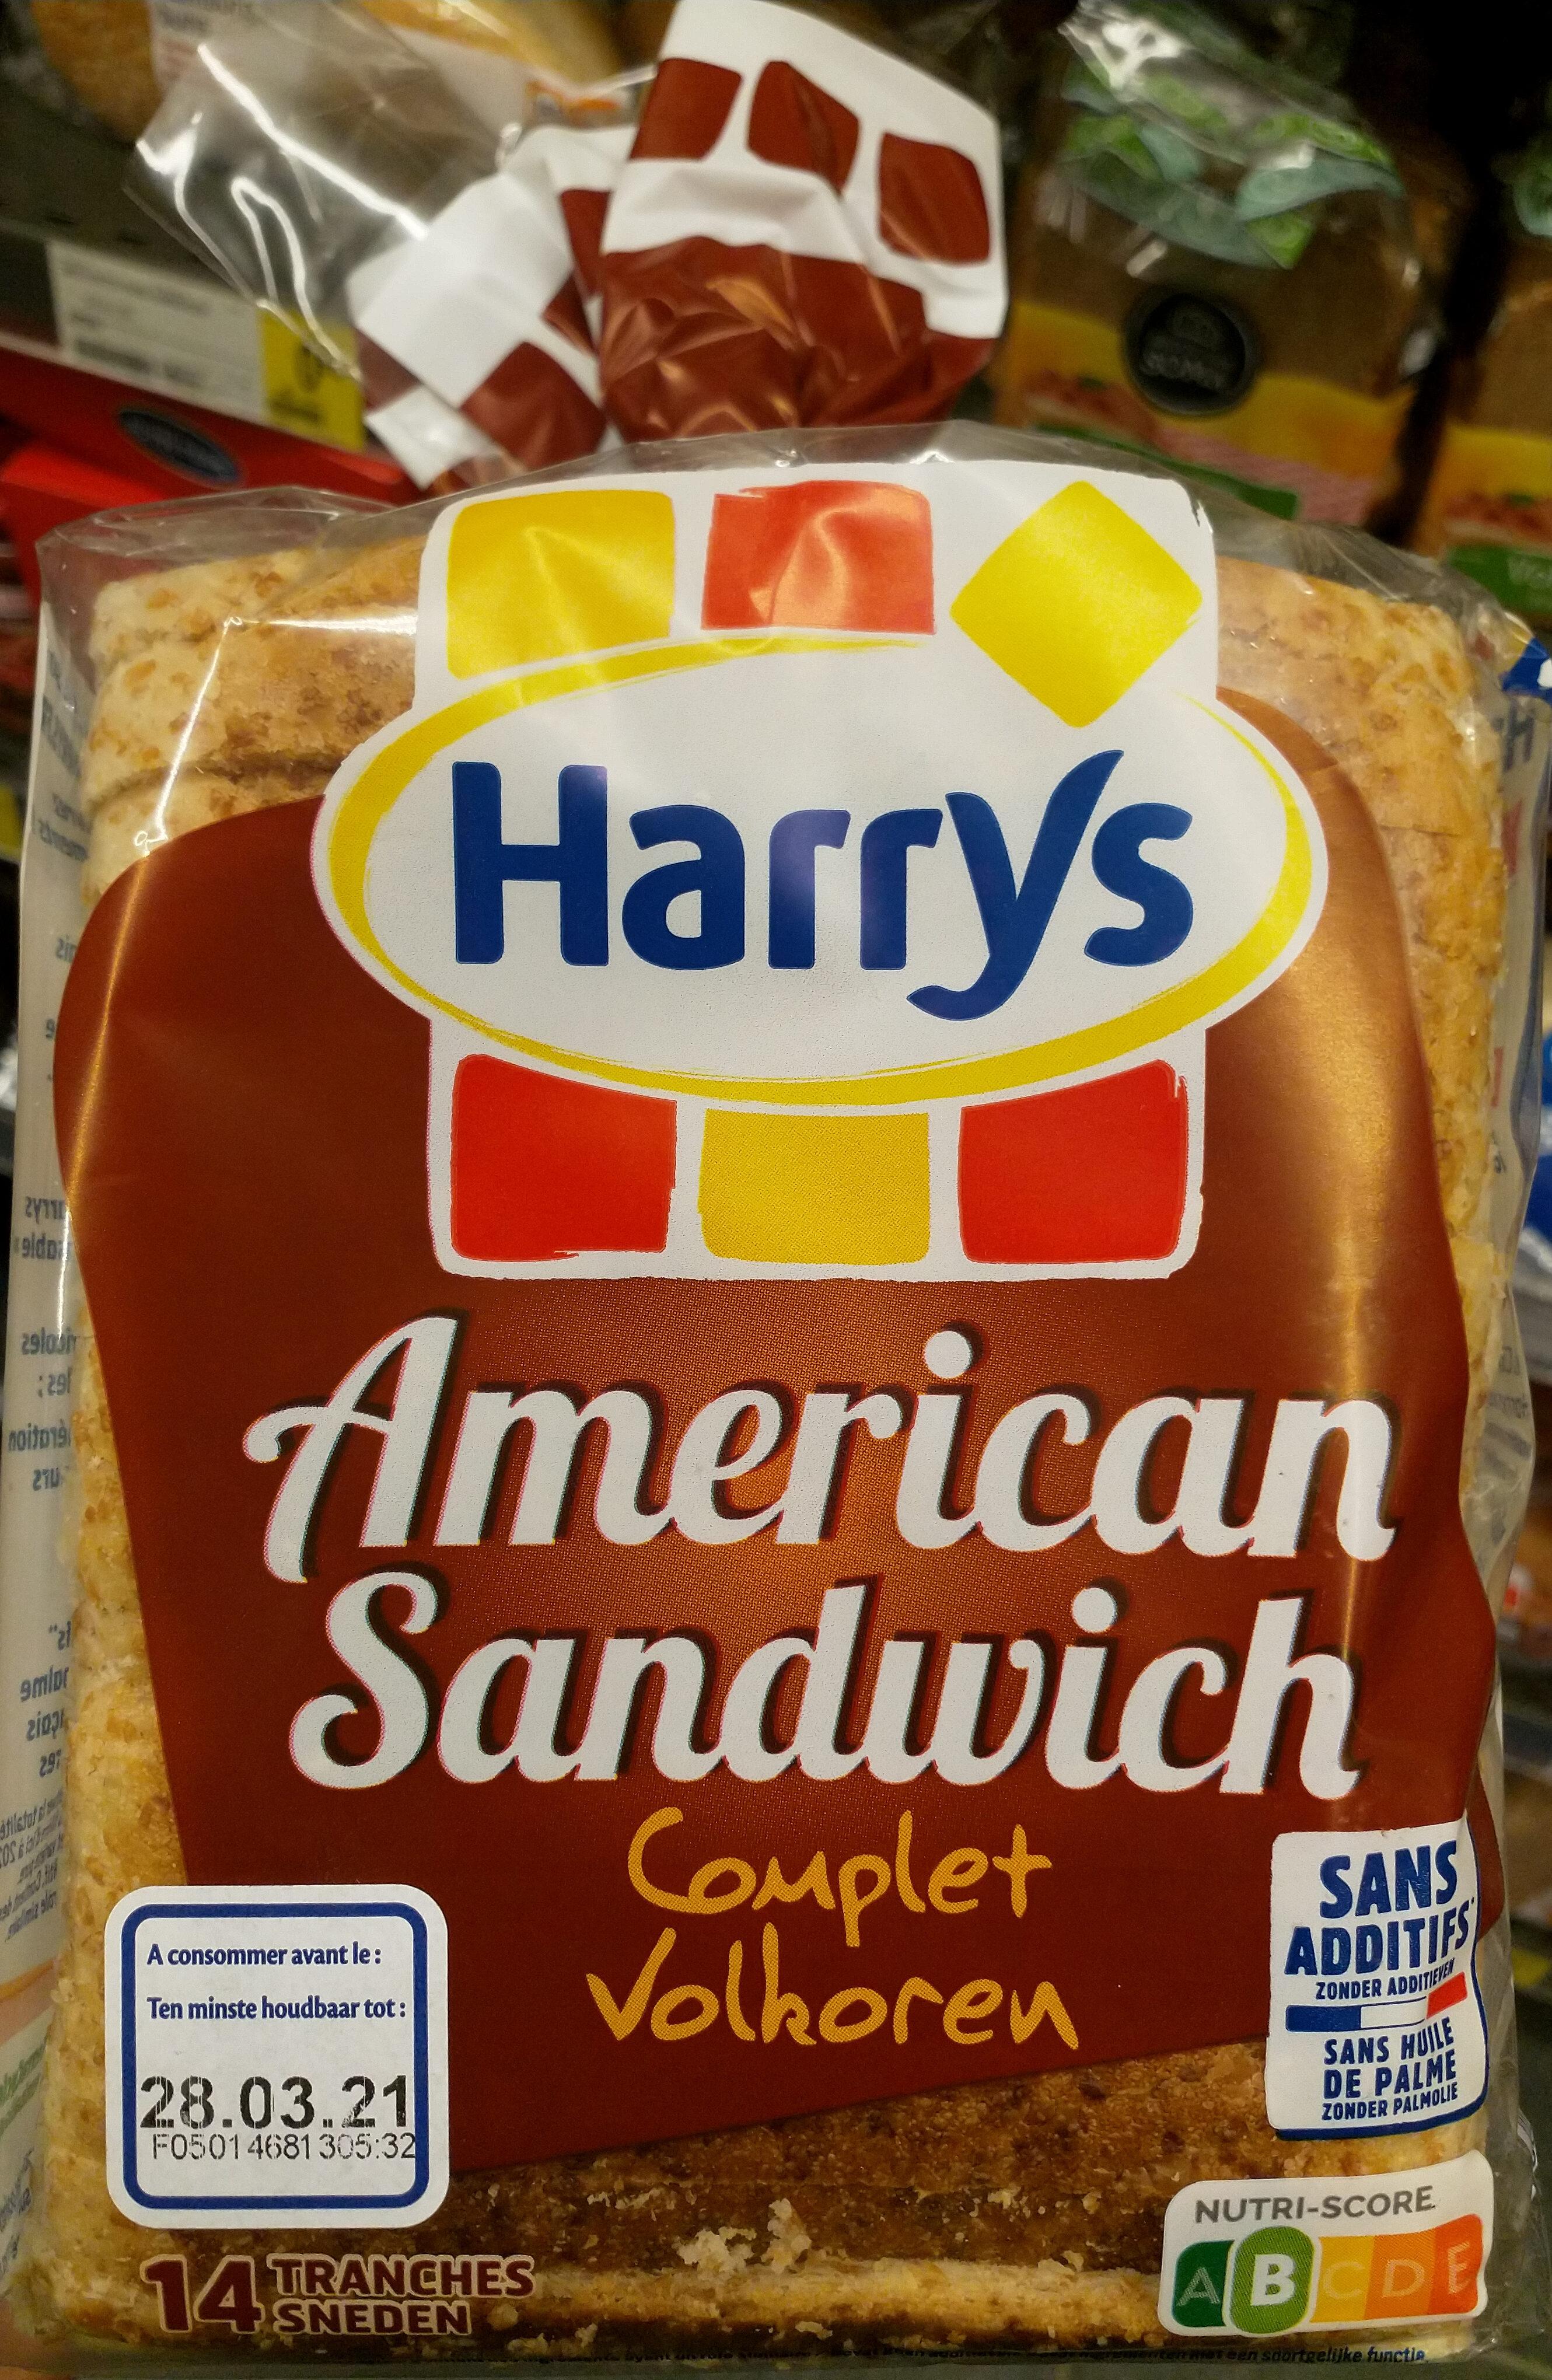 Pain de mie américan sandwich complet - Prodotto - fr